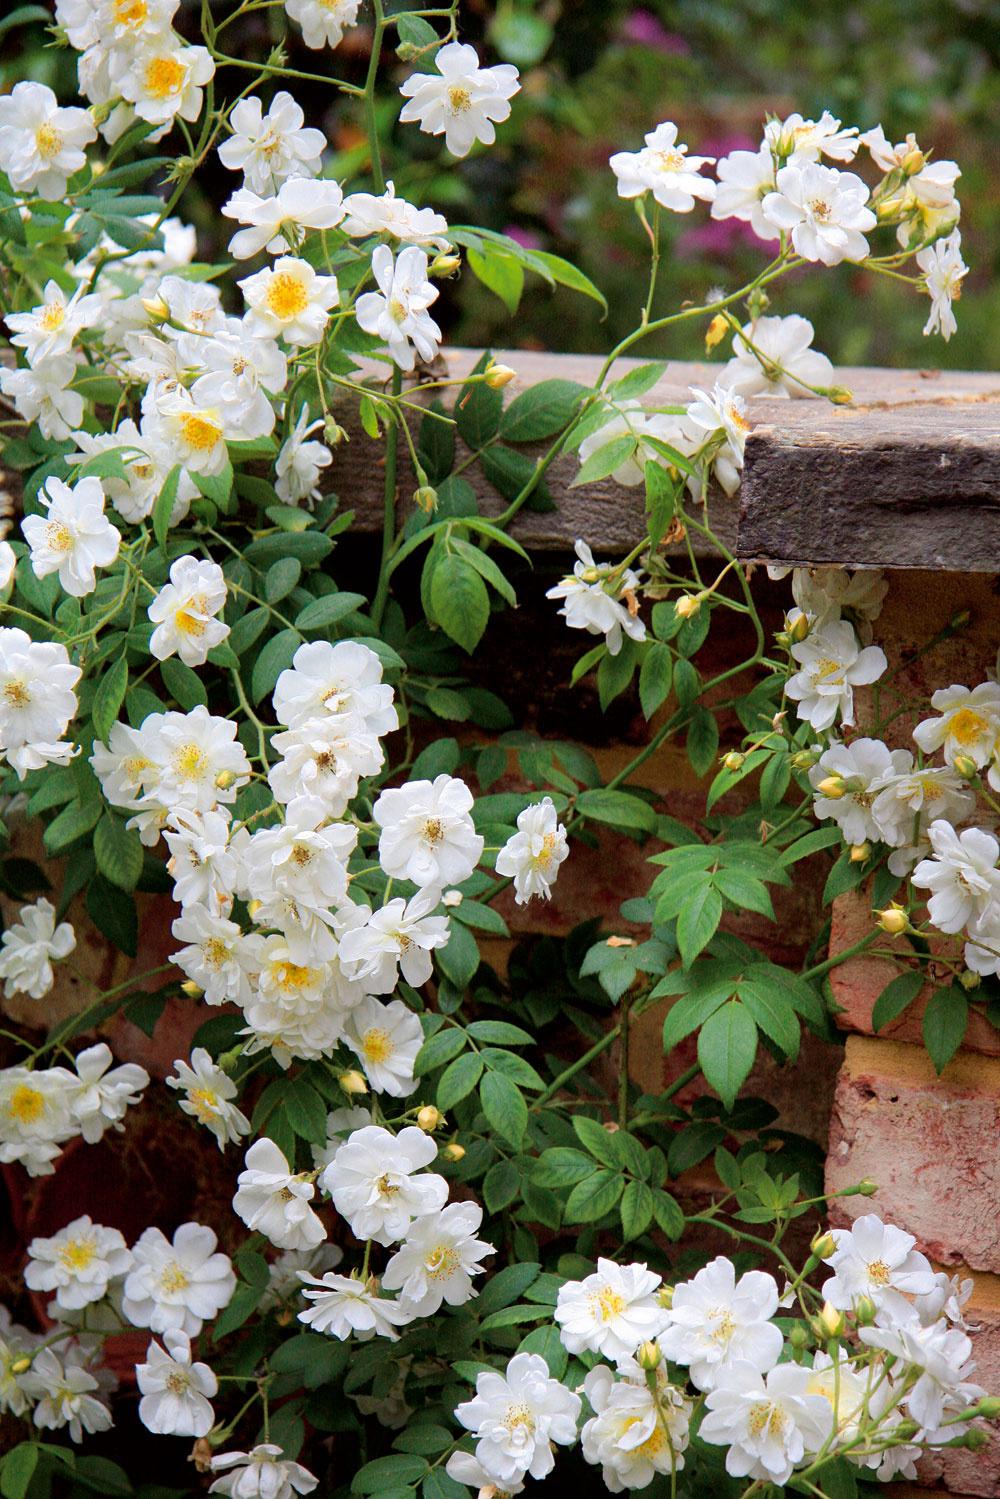 Nádhernými vôňami vynikajú aj mnohé kultivary popínavých ruží. Ak ich vysadíte kaltánku alebo kodpočívadlu, budete si môcť príjemne užiť ich vôňu aj romantickú atmosféru.